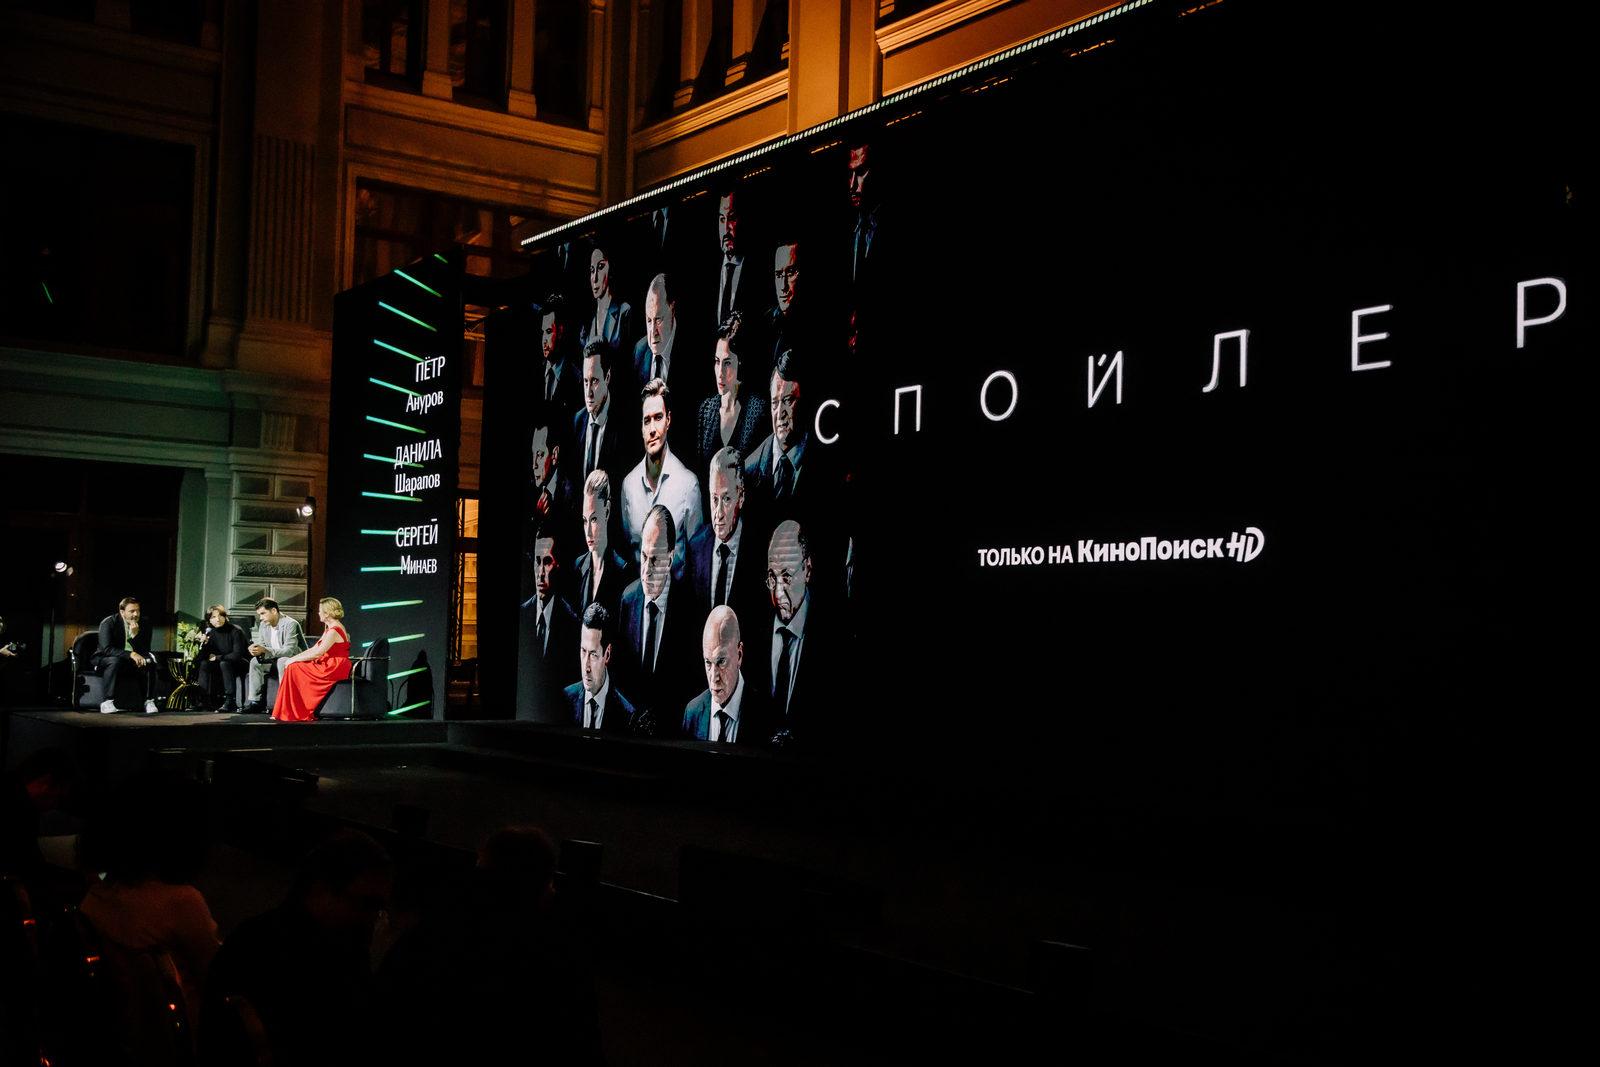 «Орел и решка» с Александрой Бортич и нечисть в Чертанове: КиноПоиск представил премьеры сезона